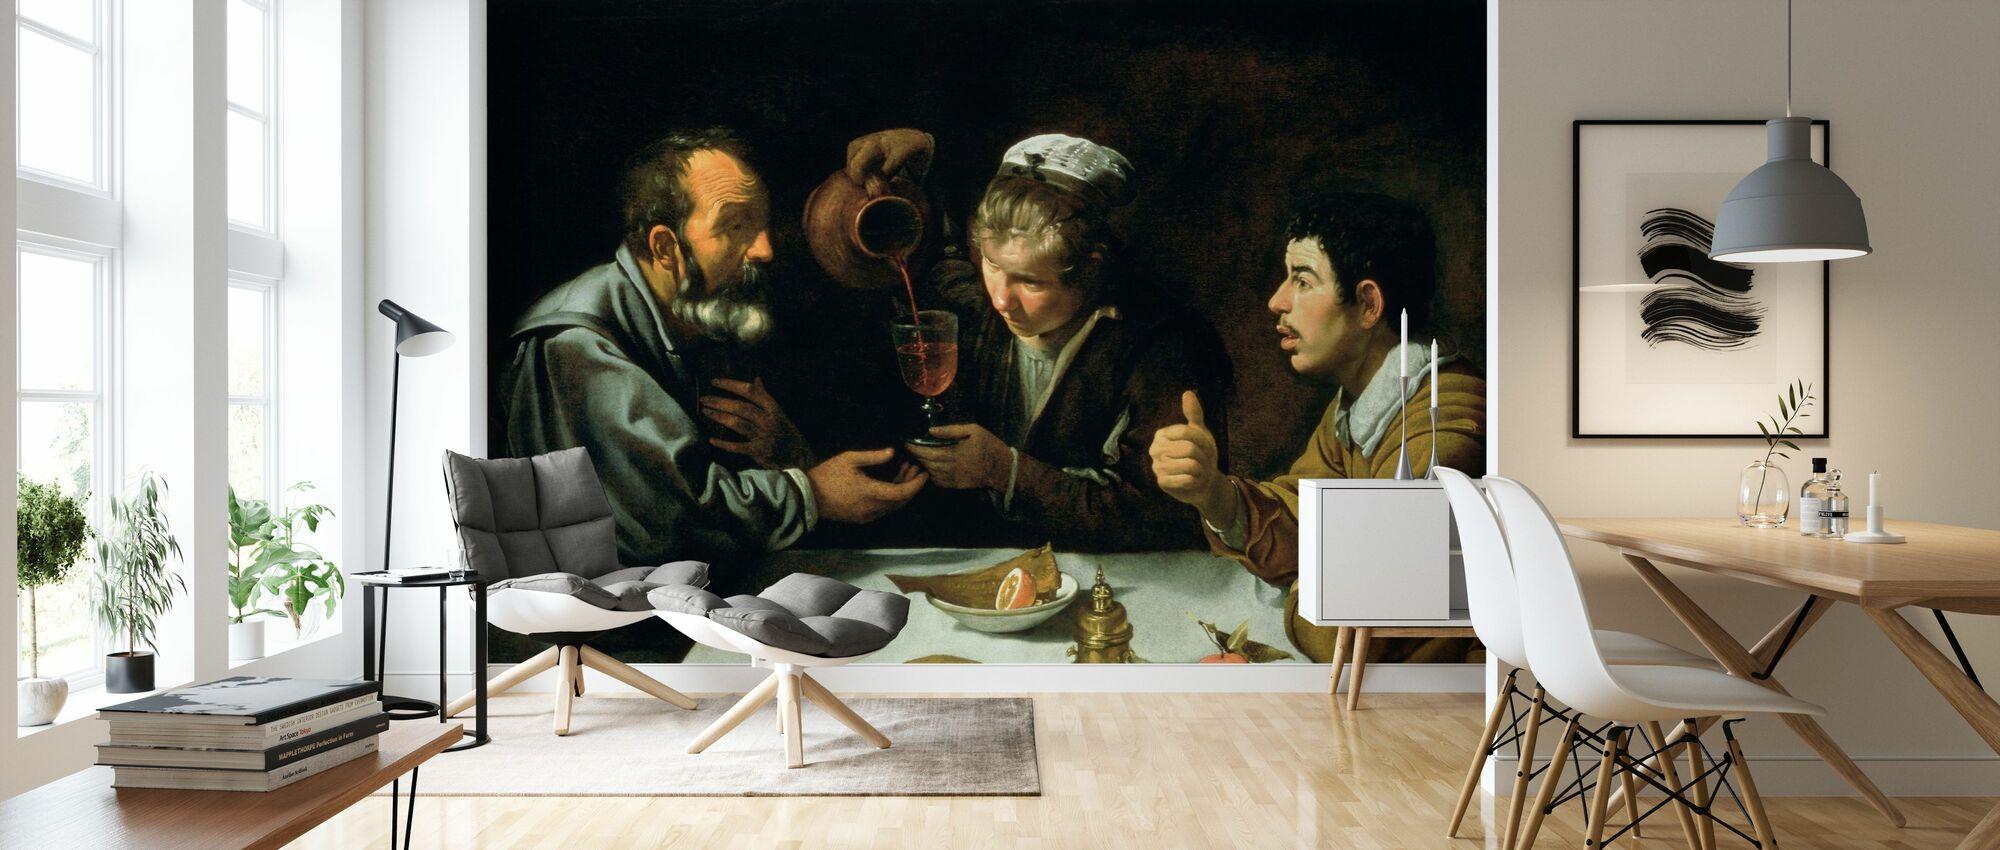 Almuerzo - Diego Velasquez - Papel pintado - Salón